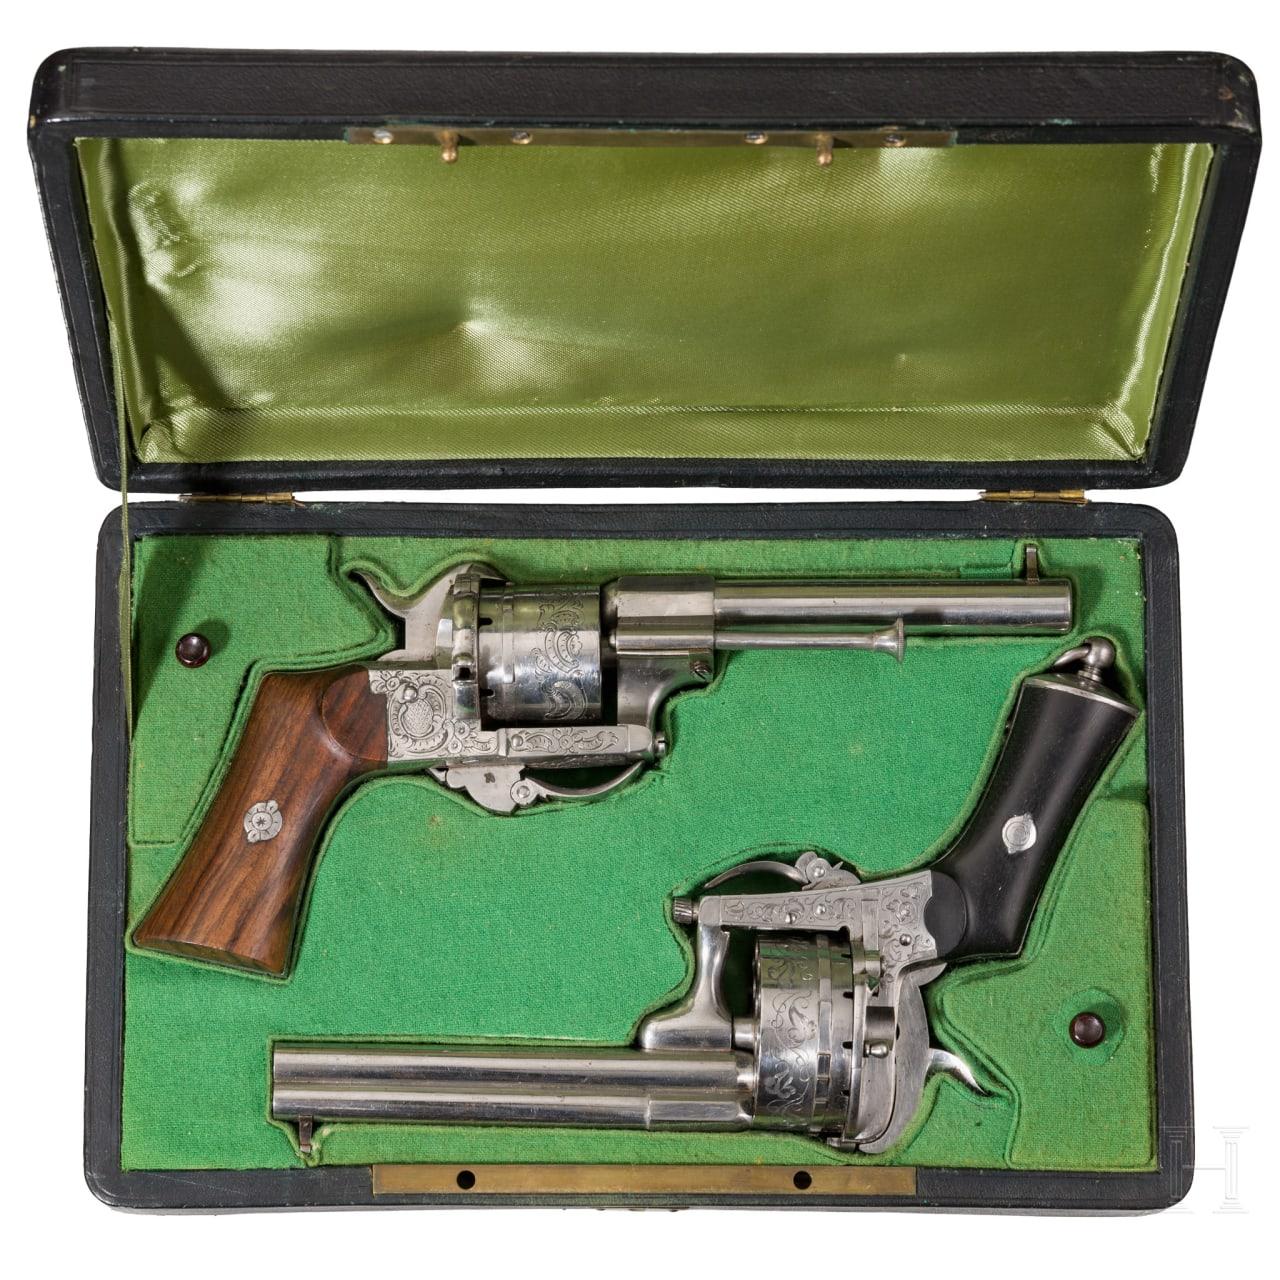 Zwei sechs- und achzehnschüssige Lefaucheux-Revolver im Kasten, Belgien, um 1860